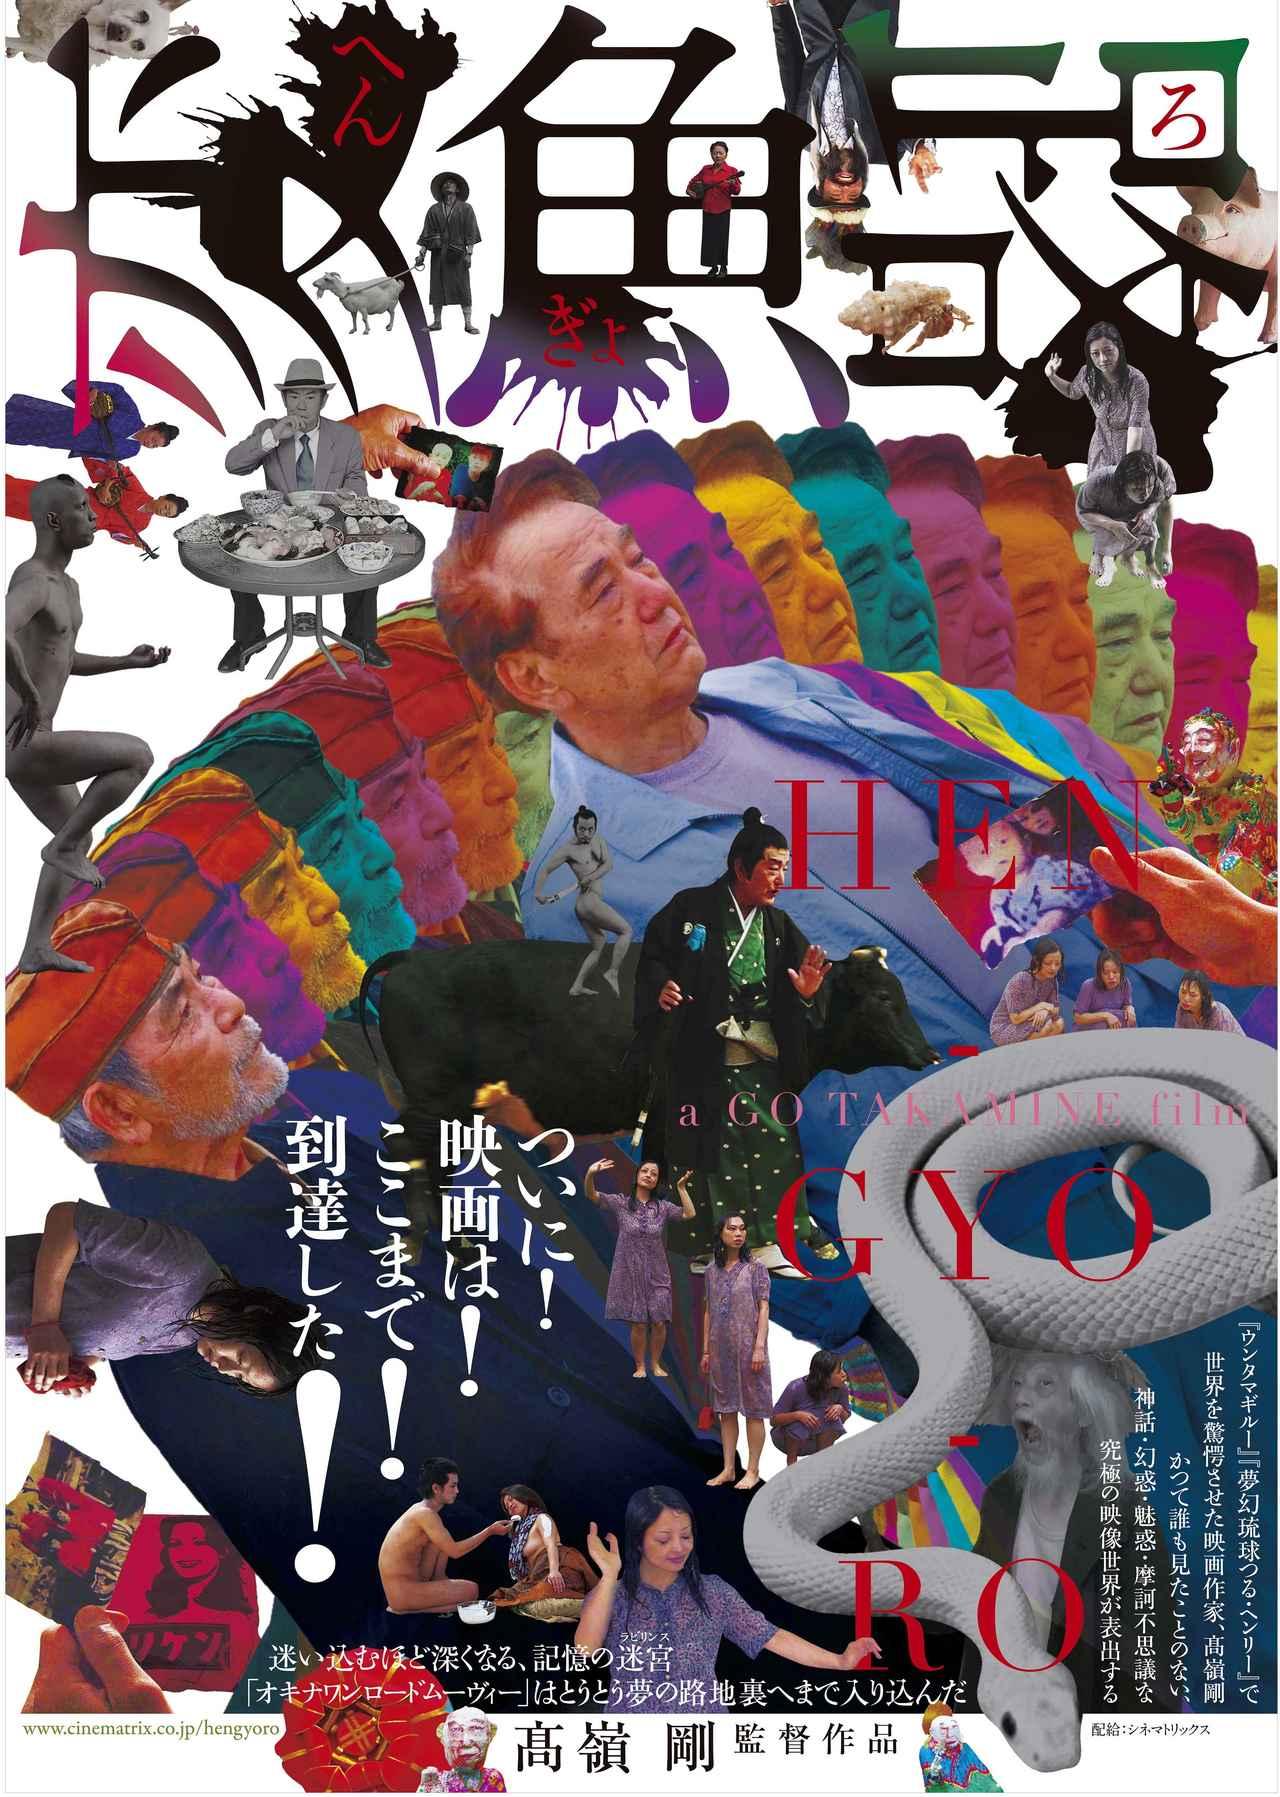 画像: また本作の公開に合わせまして、 『ウンタマギルー』『パラダイスビュー』『夢幻琉球・つるヘンリー』などの代表作から、8mm作品や上映機会の少ない作品を集めた「髙嶺剛監督特集」も同時に開催が決定した。